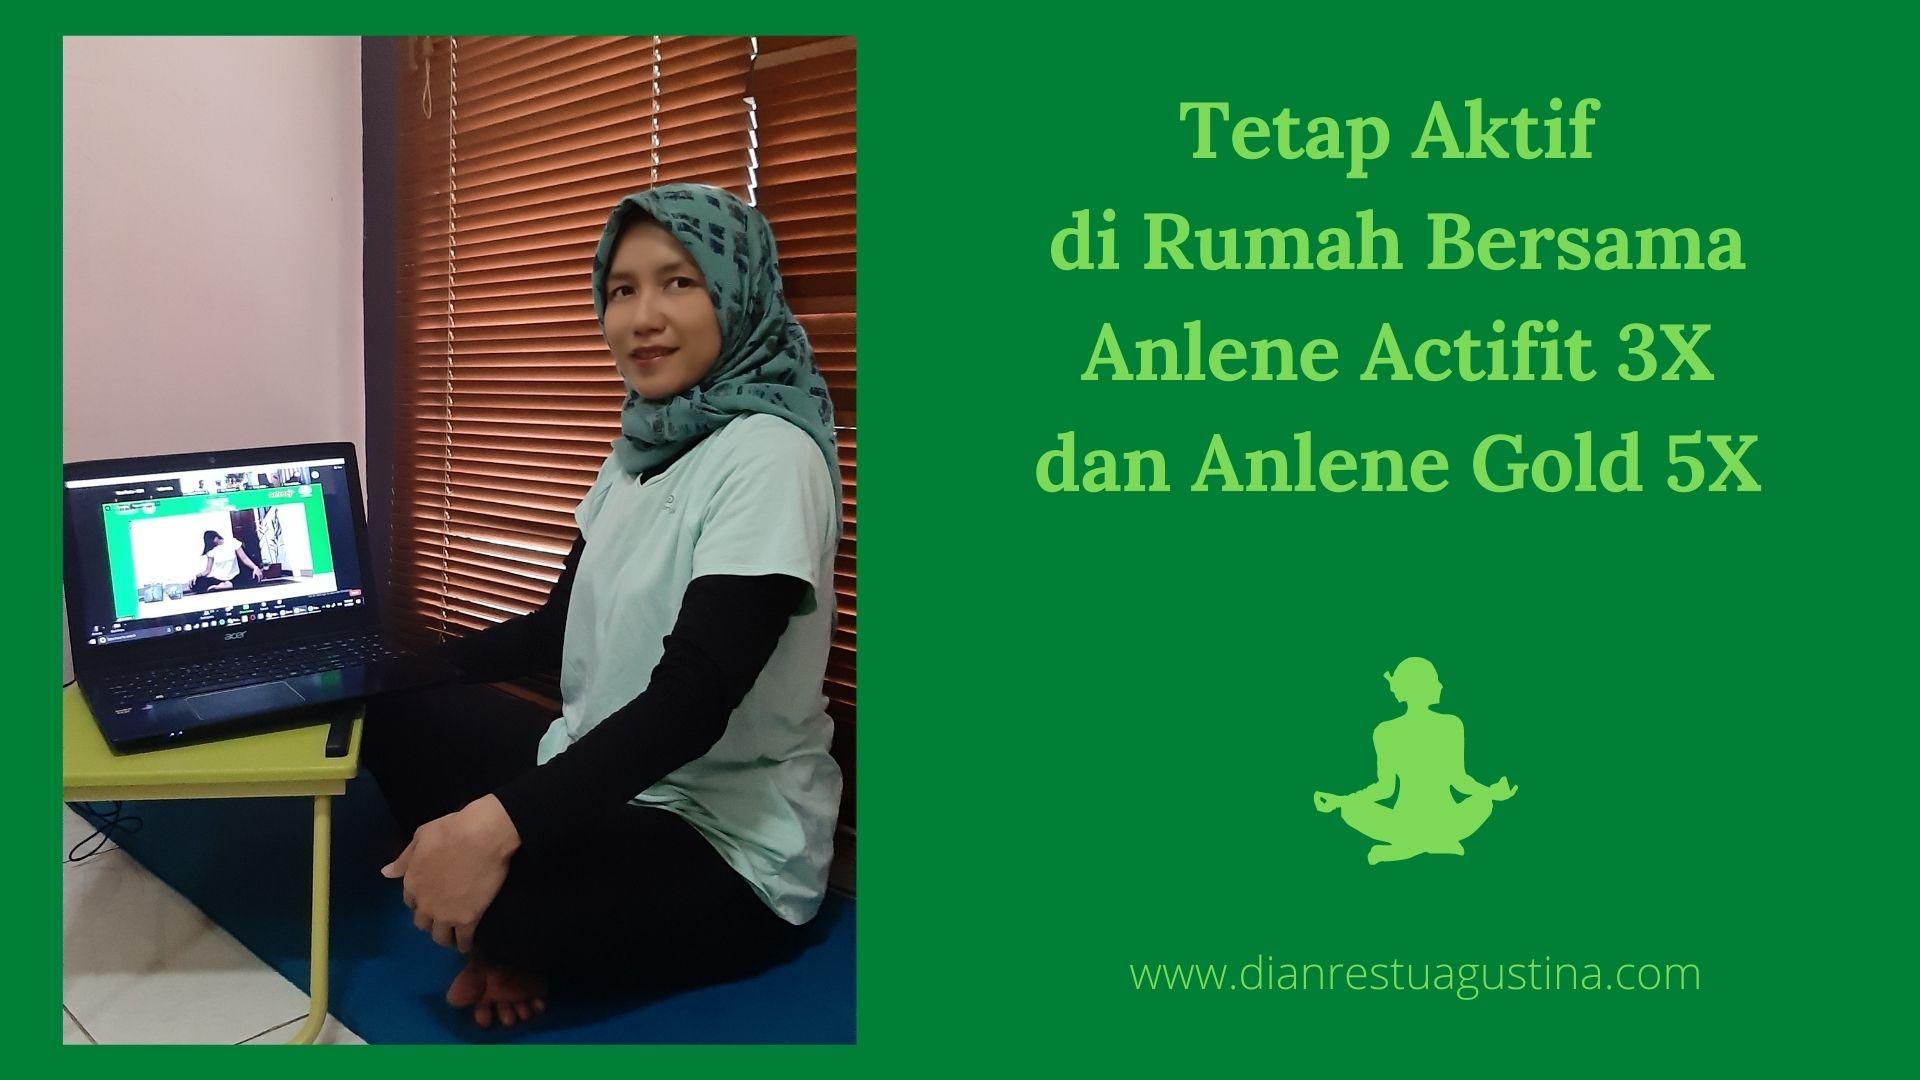 Anlene Actifit 3X & Anlene Gold 5X